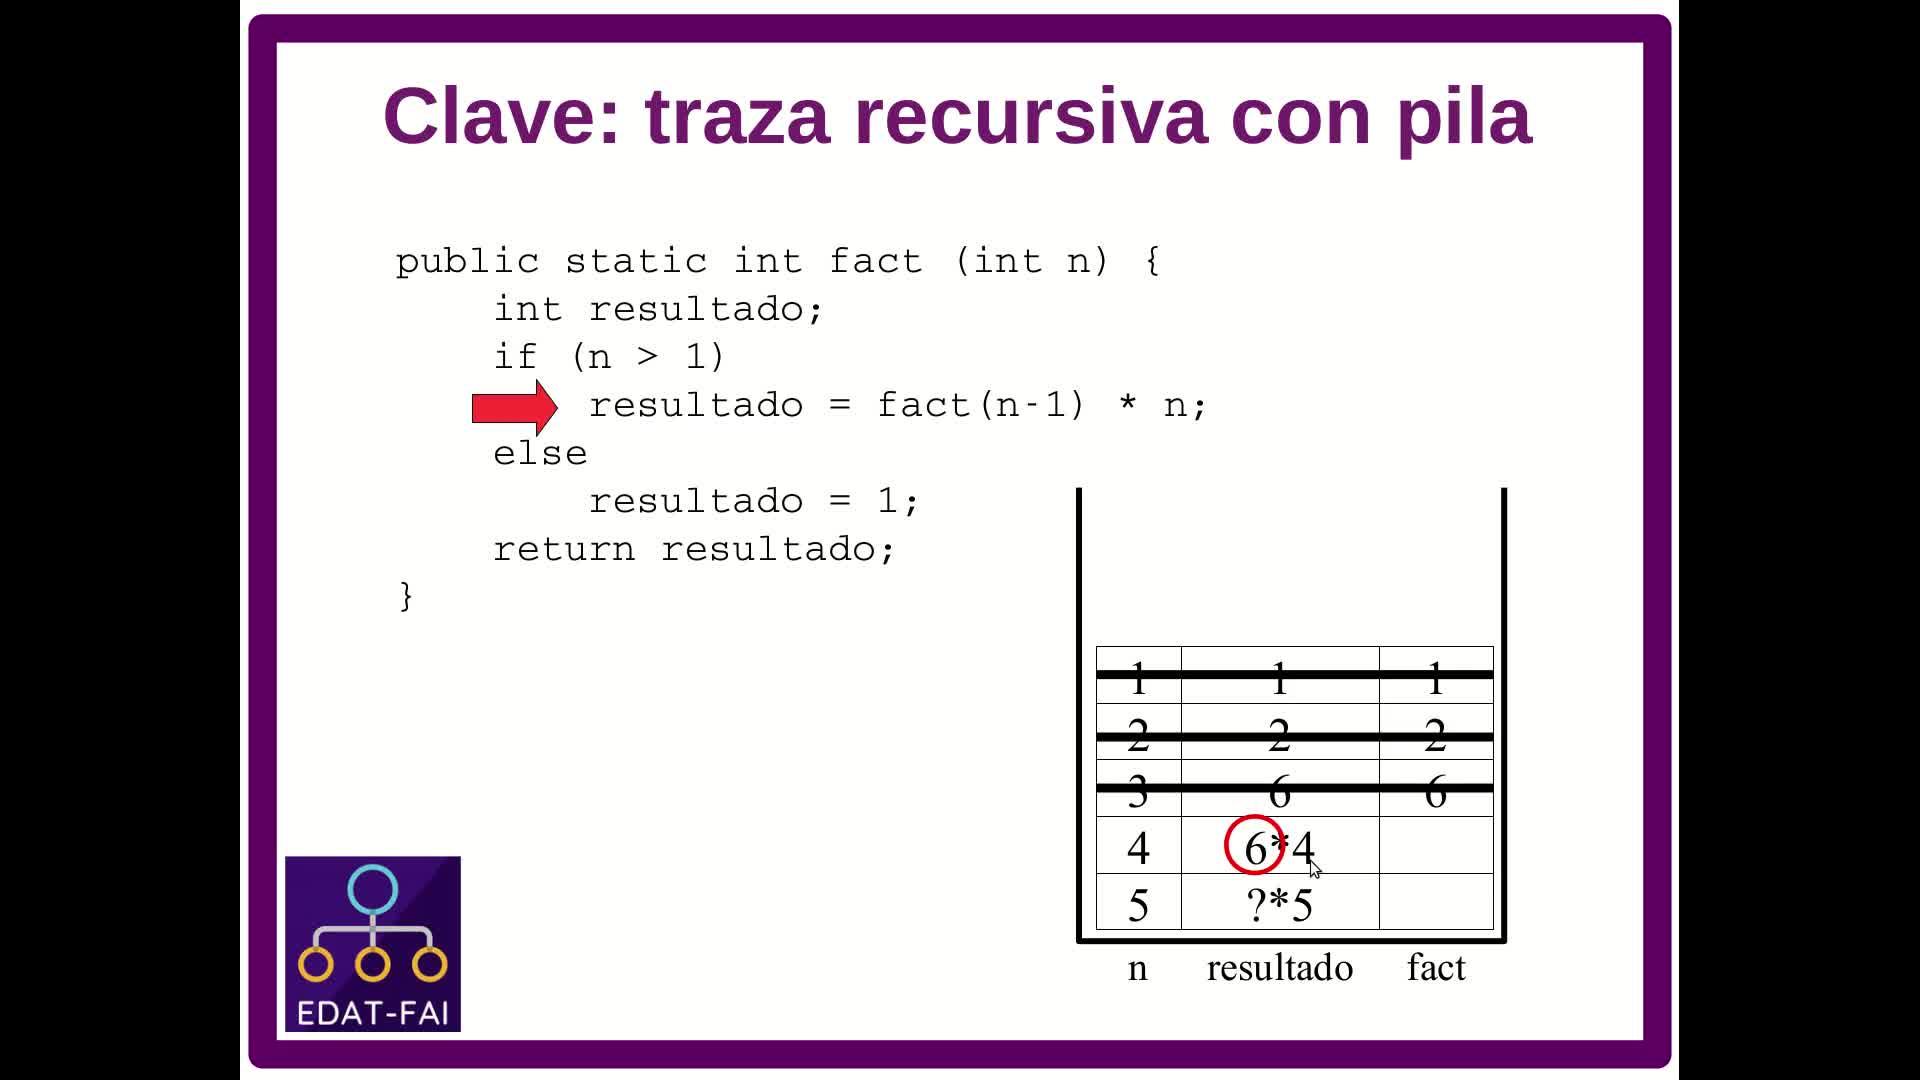 EDAT - Video 1.2 - Repaso (parte 2)